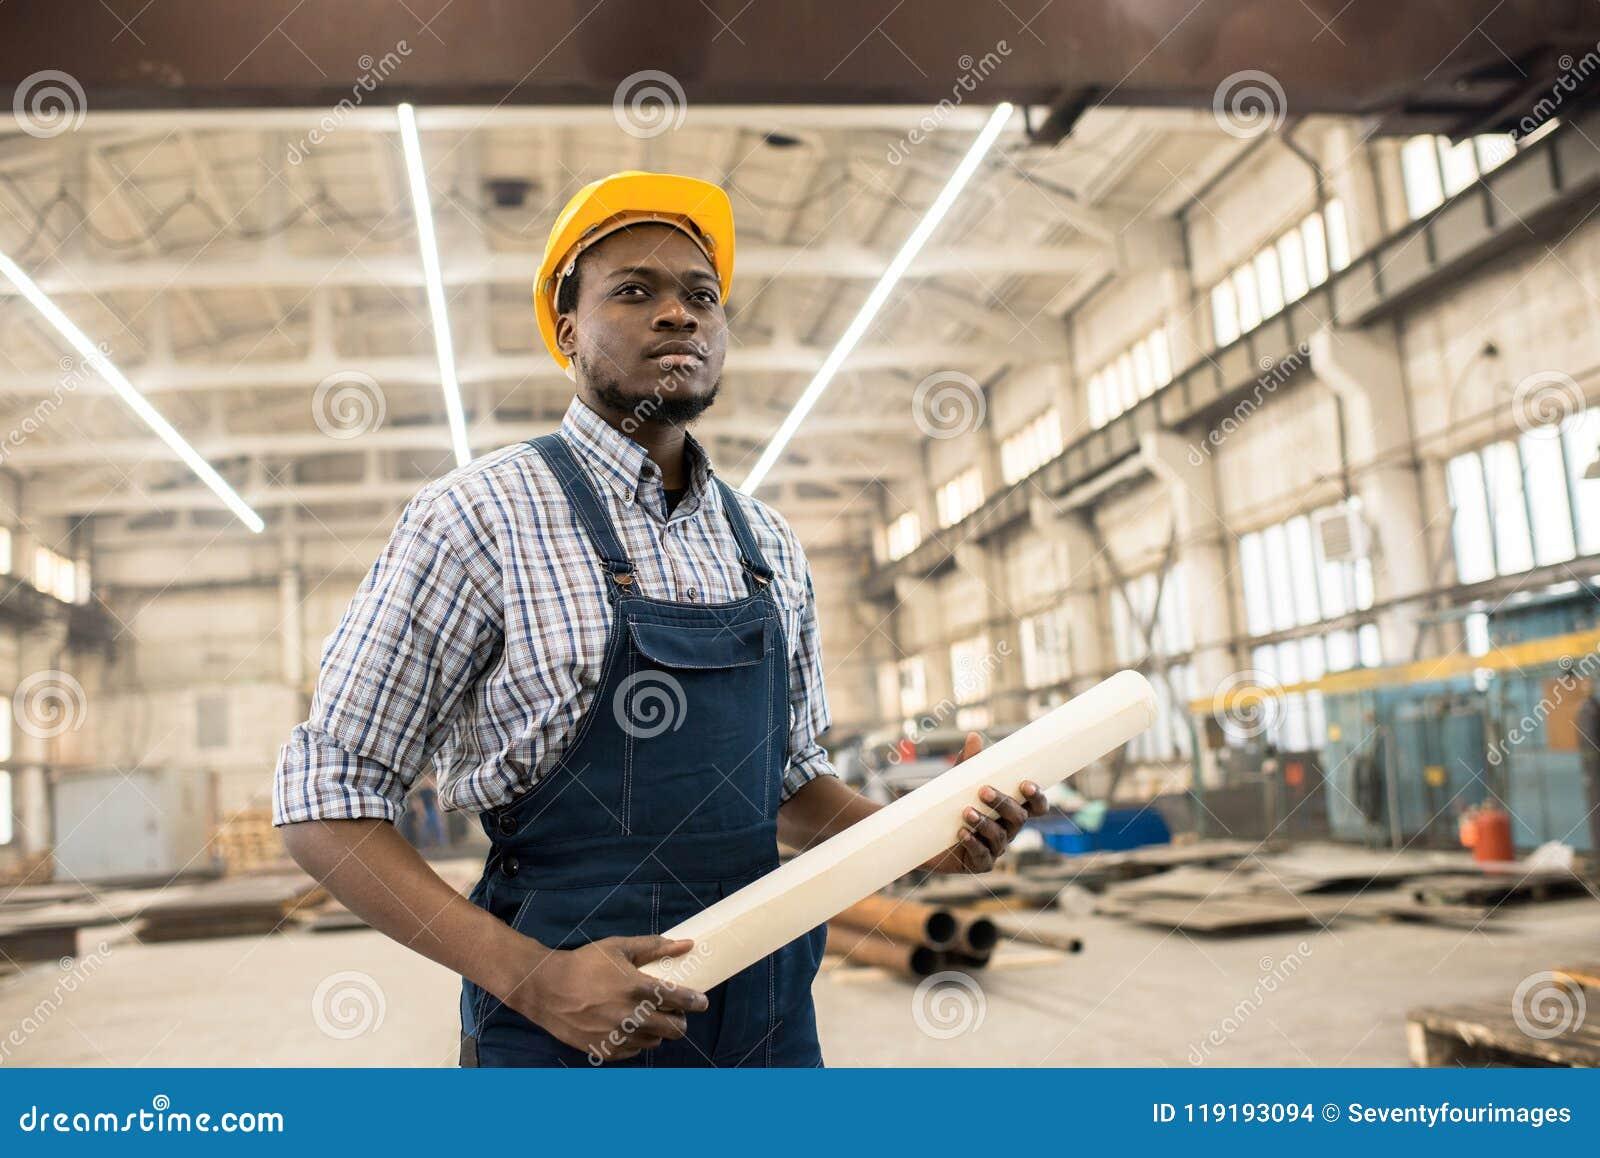 Überzeugter afro-amerikanischer Baumanager am Arbeitsplatz